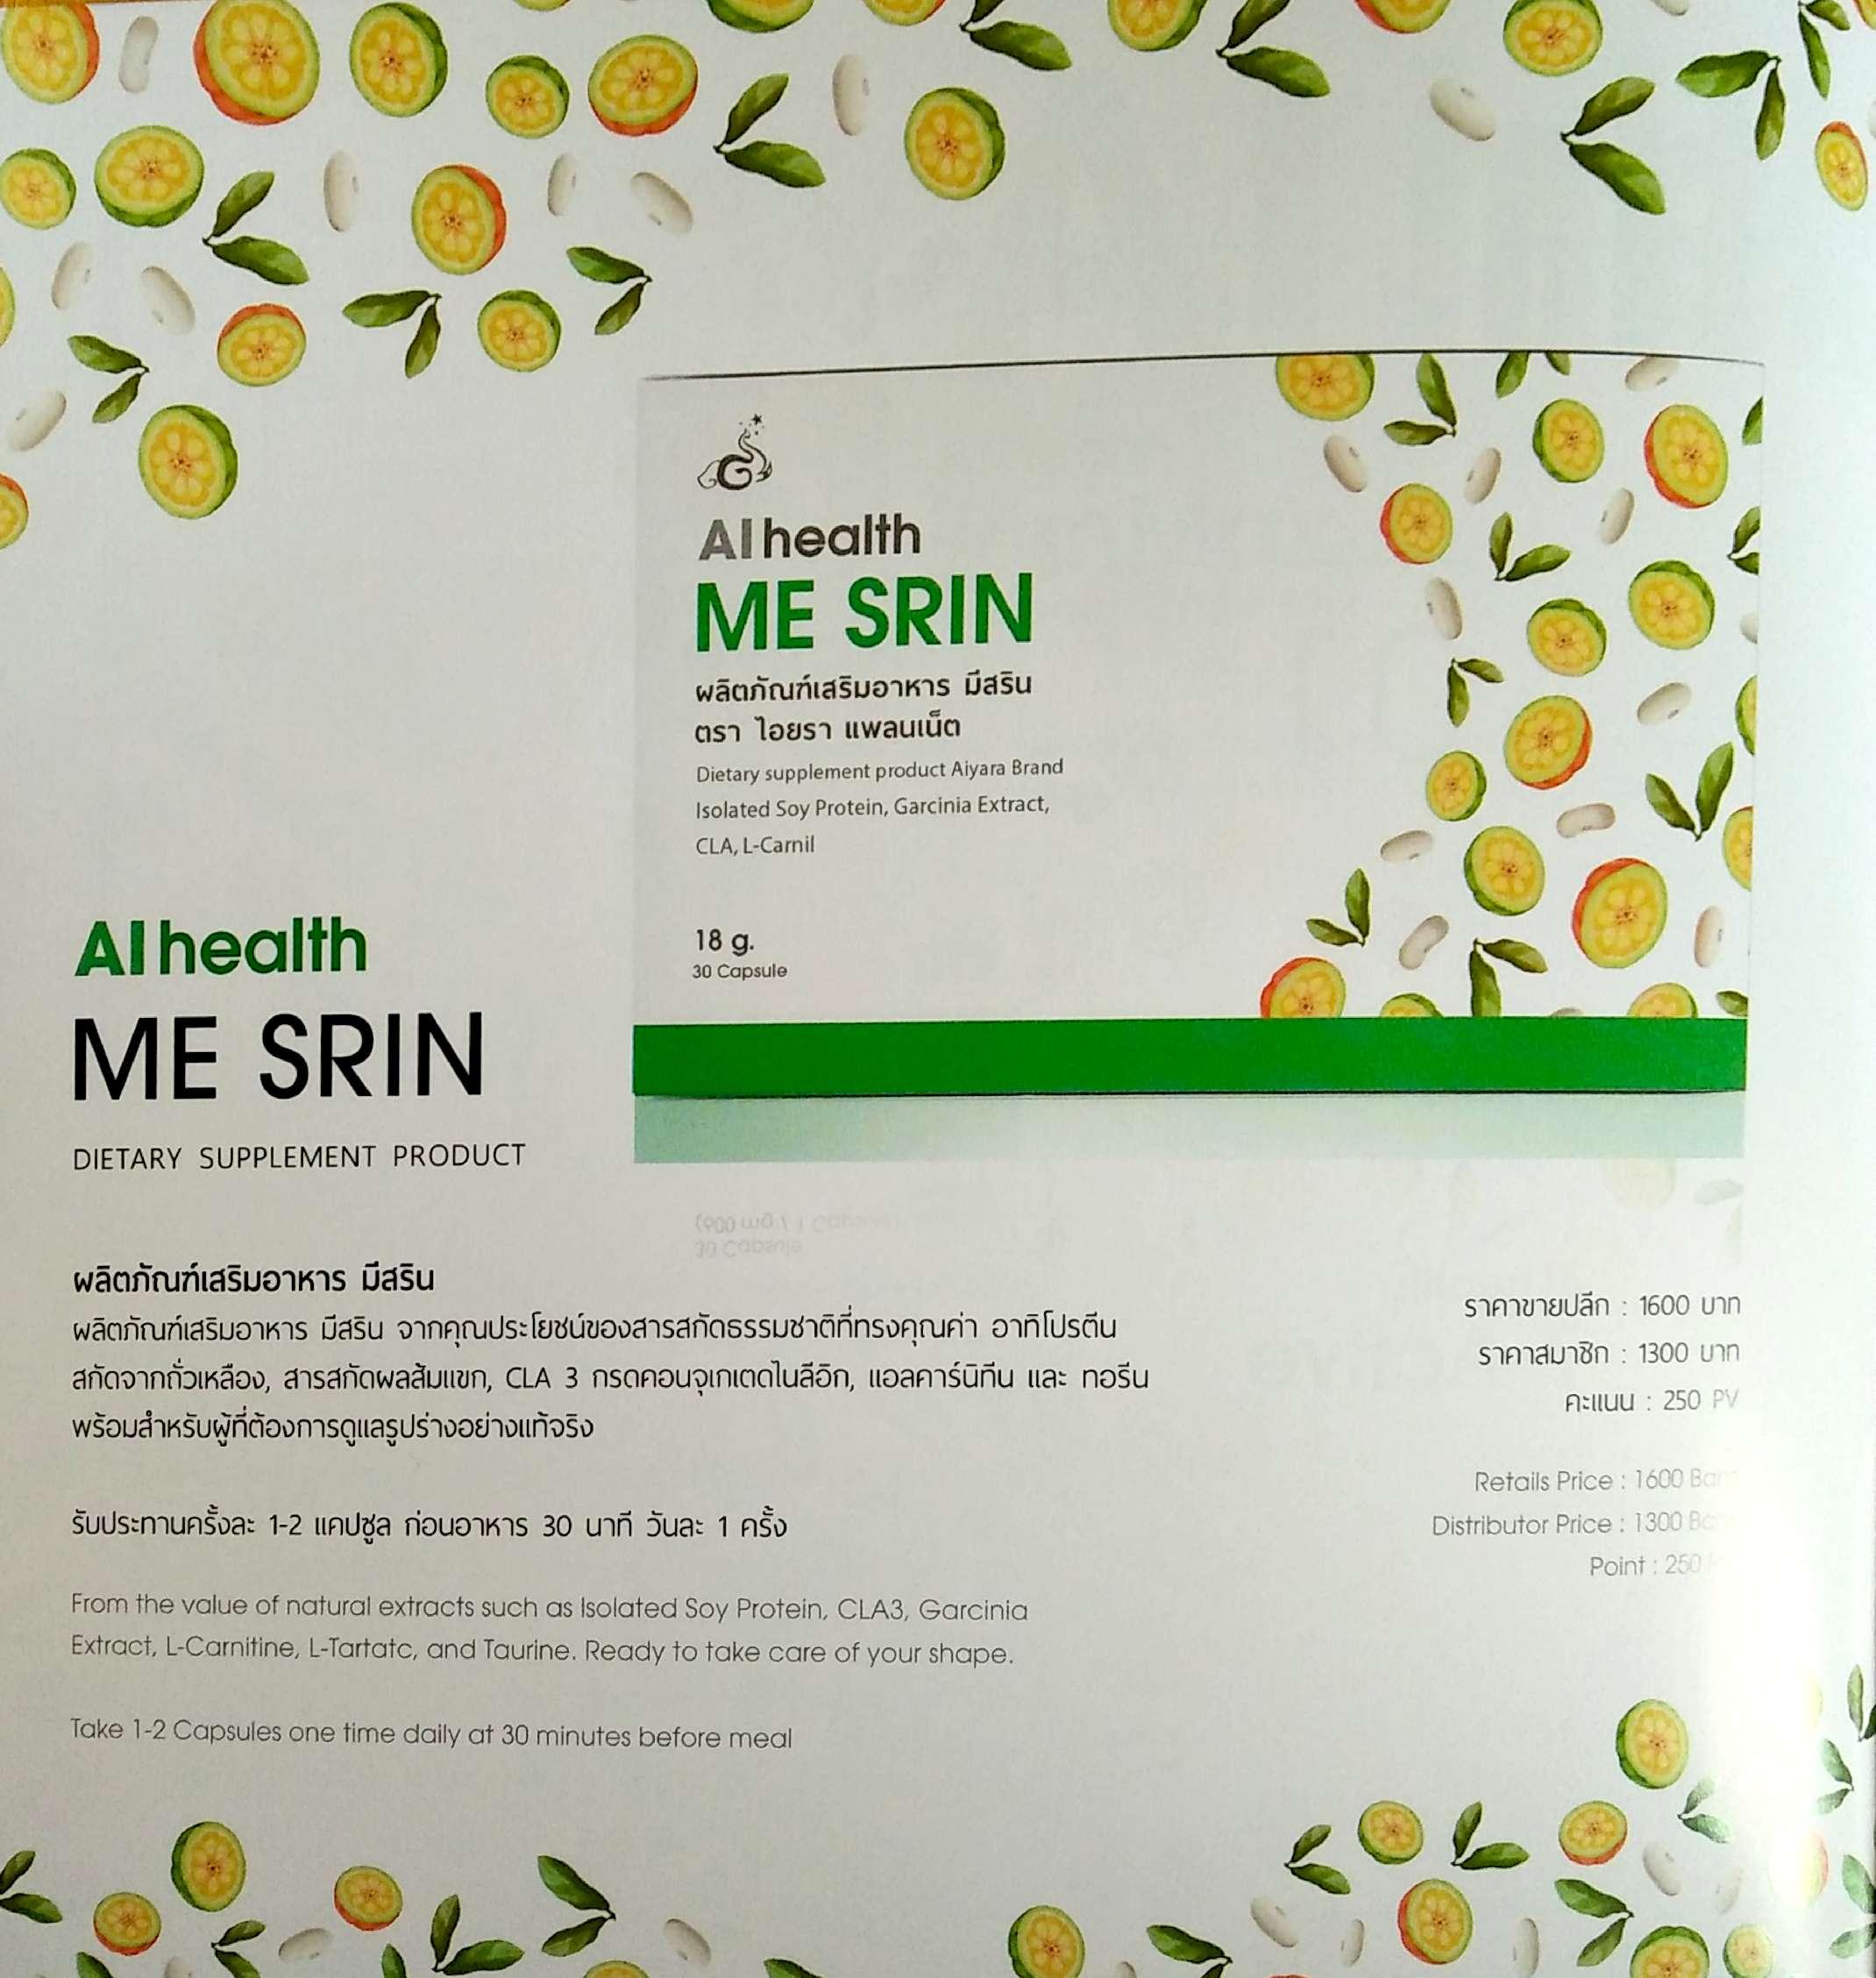 """""""MeSrin"""" ผลิตภัณฑ์เสริมอาหาร """"มีสริน"""" สำหรับผู้ที่ต้องการดูแลรูปร่างอย่างแท้จริง"""